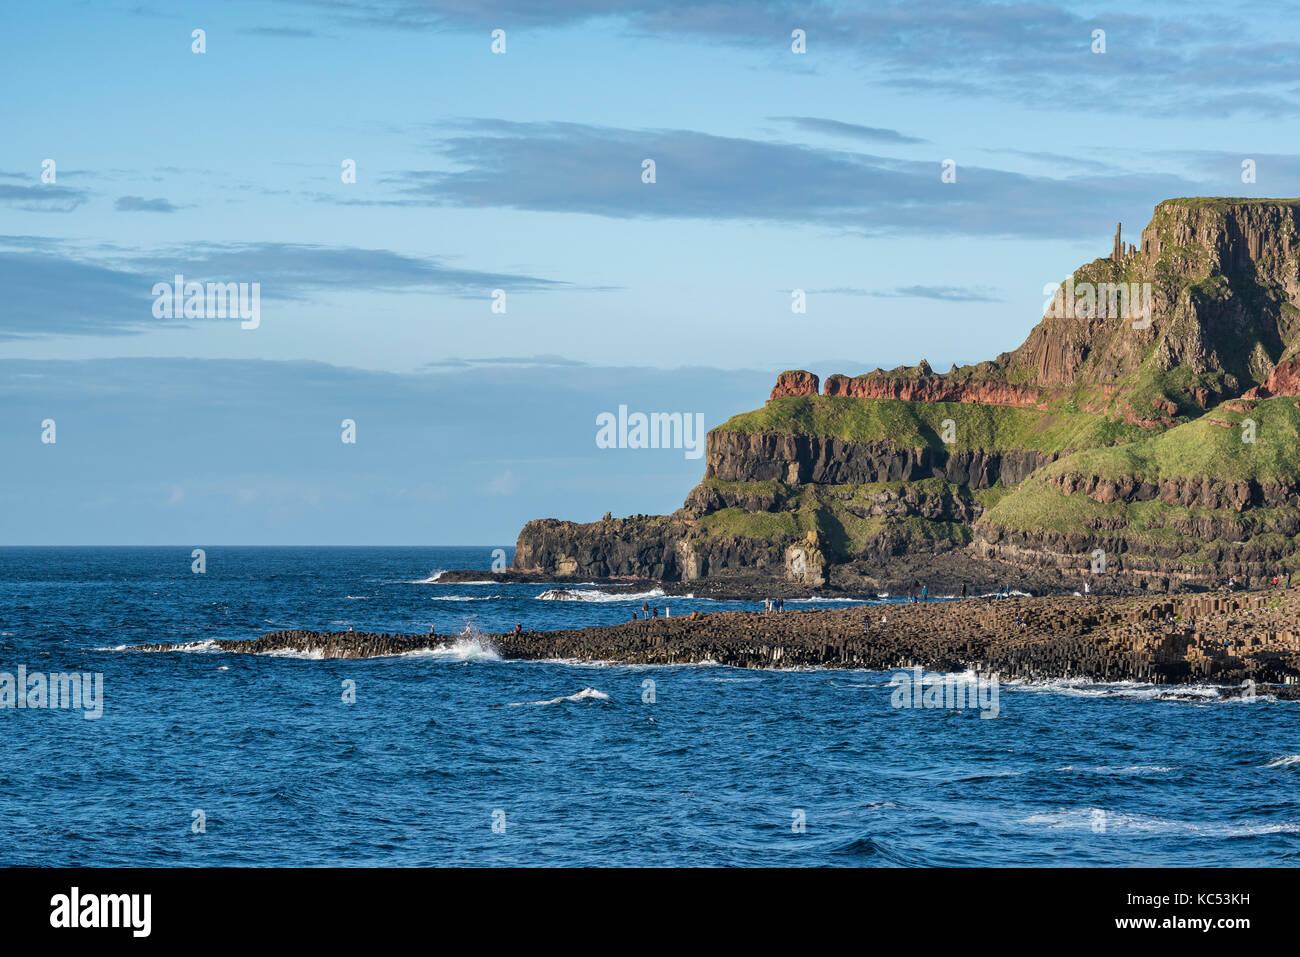 L'attraction touristique des géants sur la côte atlantique, dans le comté d'Antrim, Irlande Photo Stock